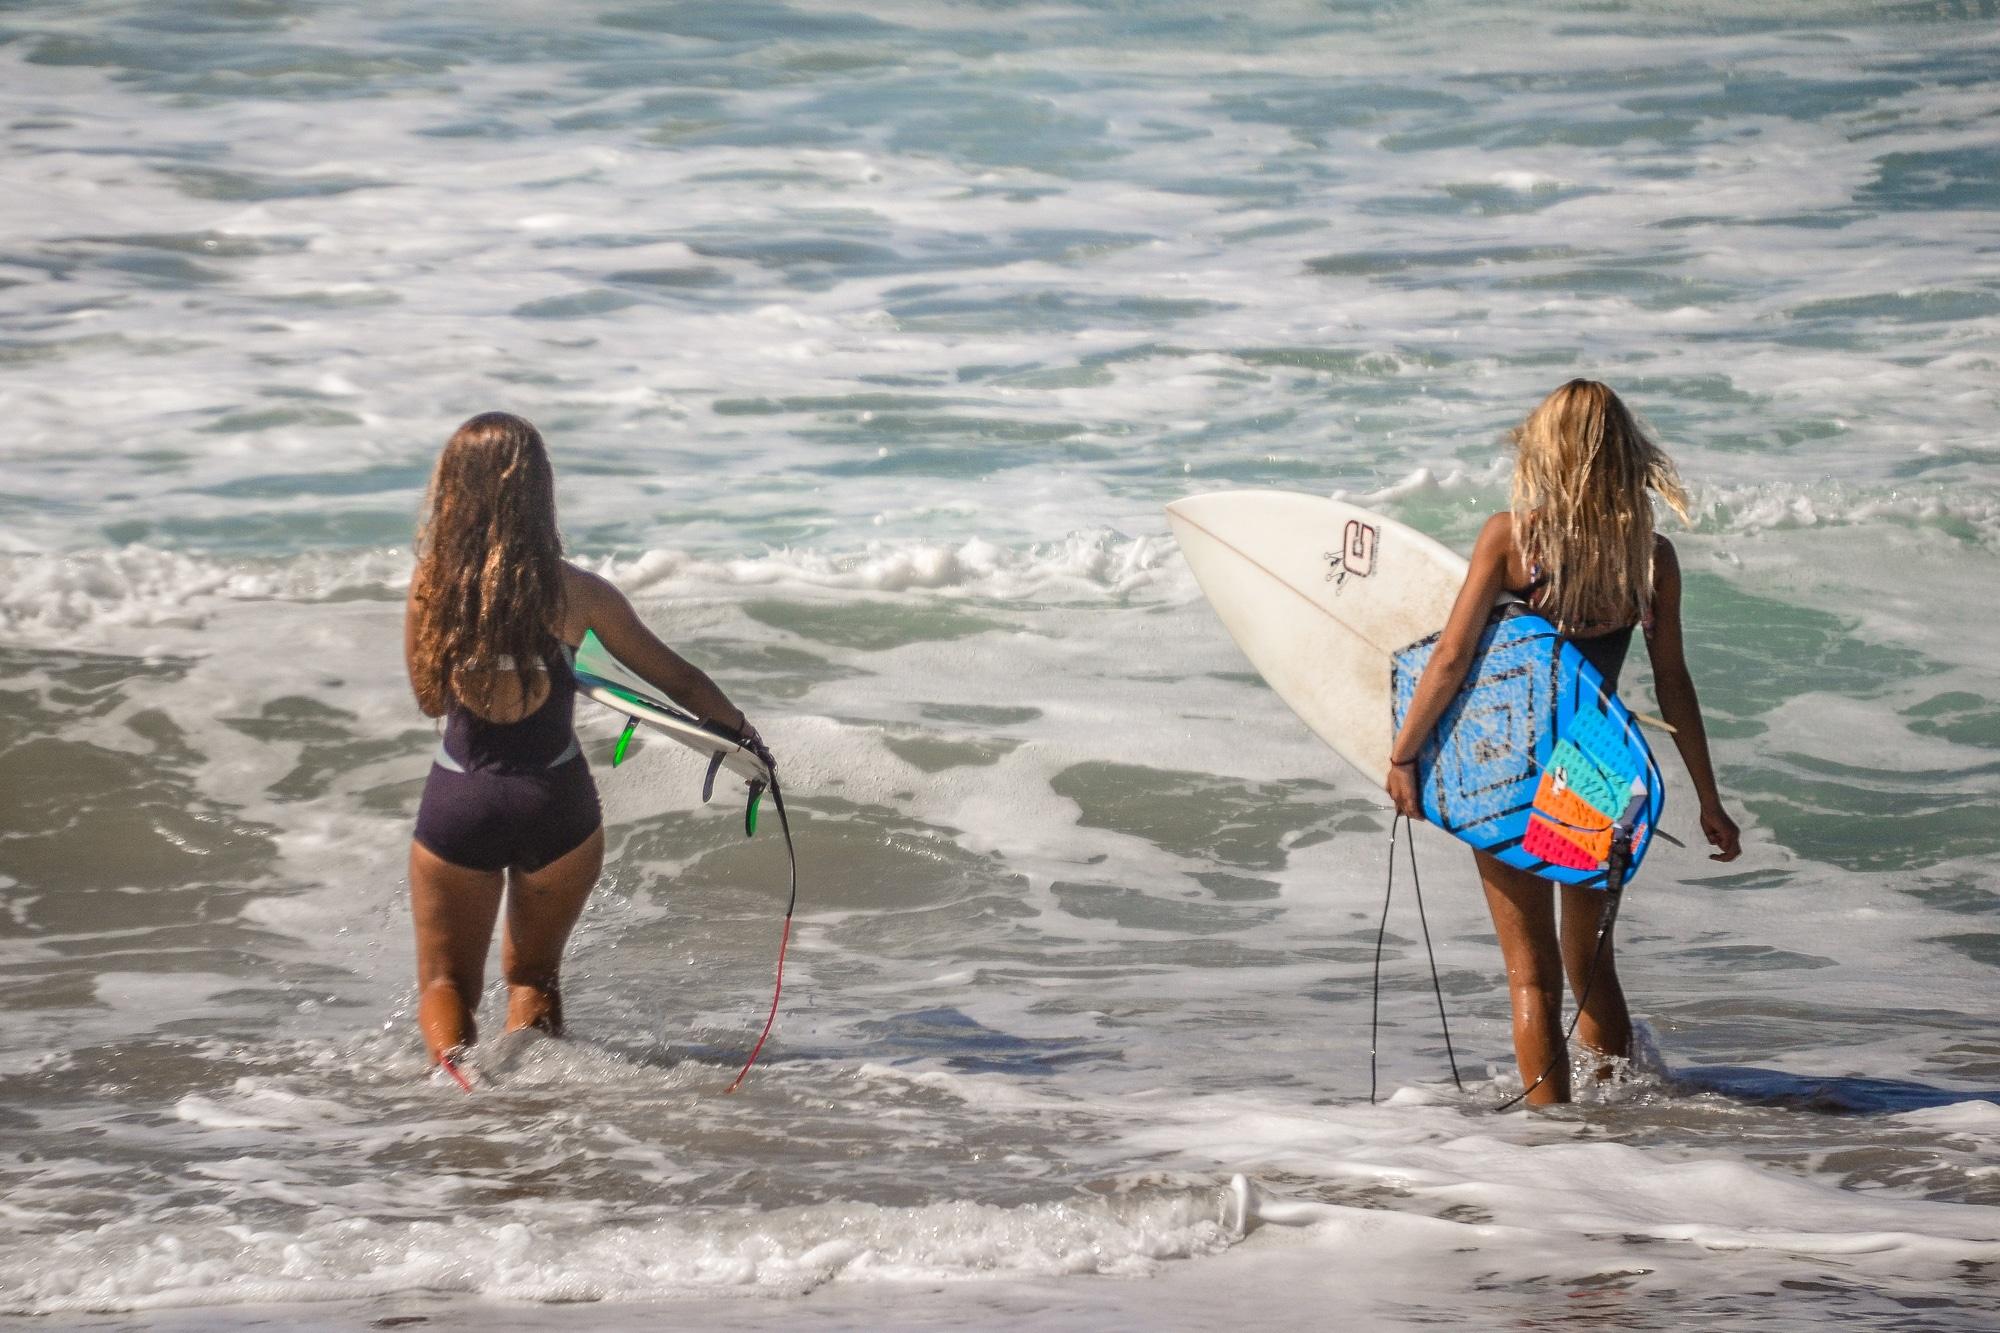 Surferinnen beim Surfwettbewerb auf Fuerteventura